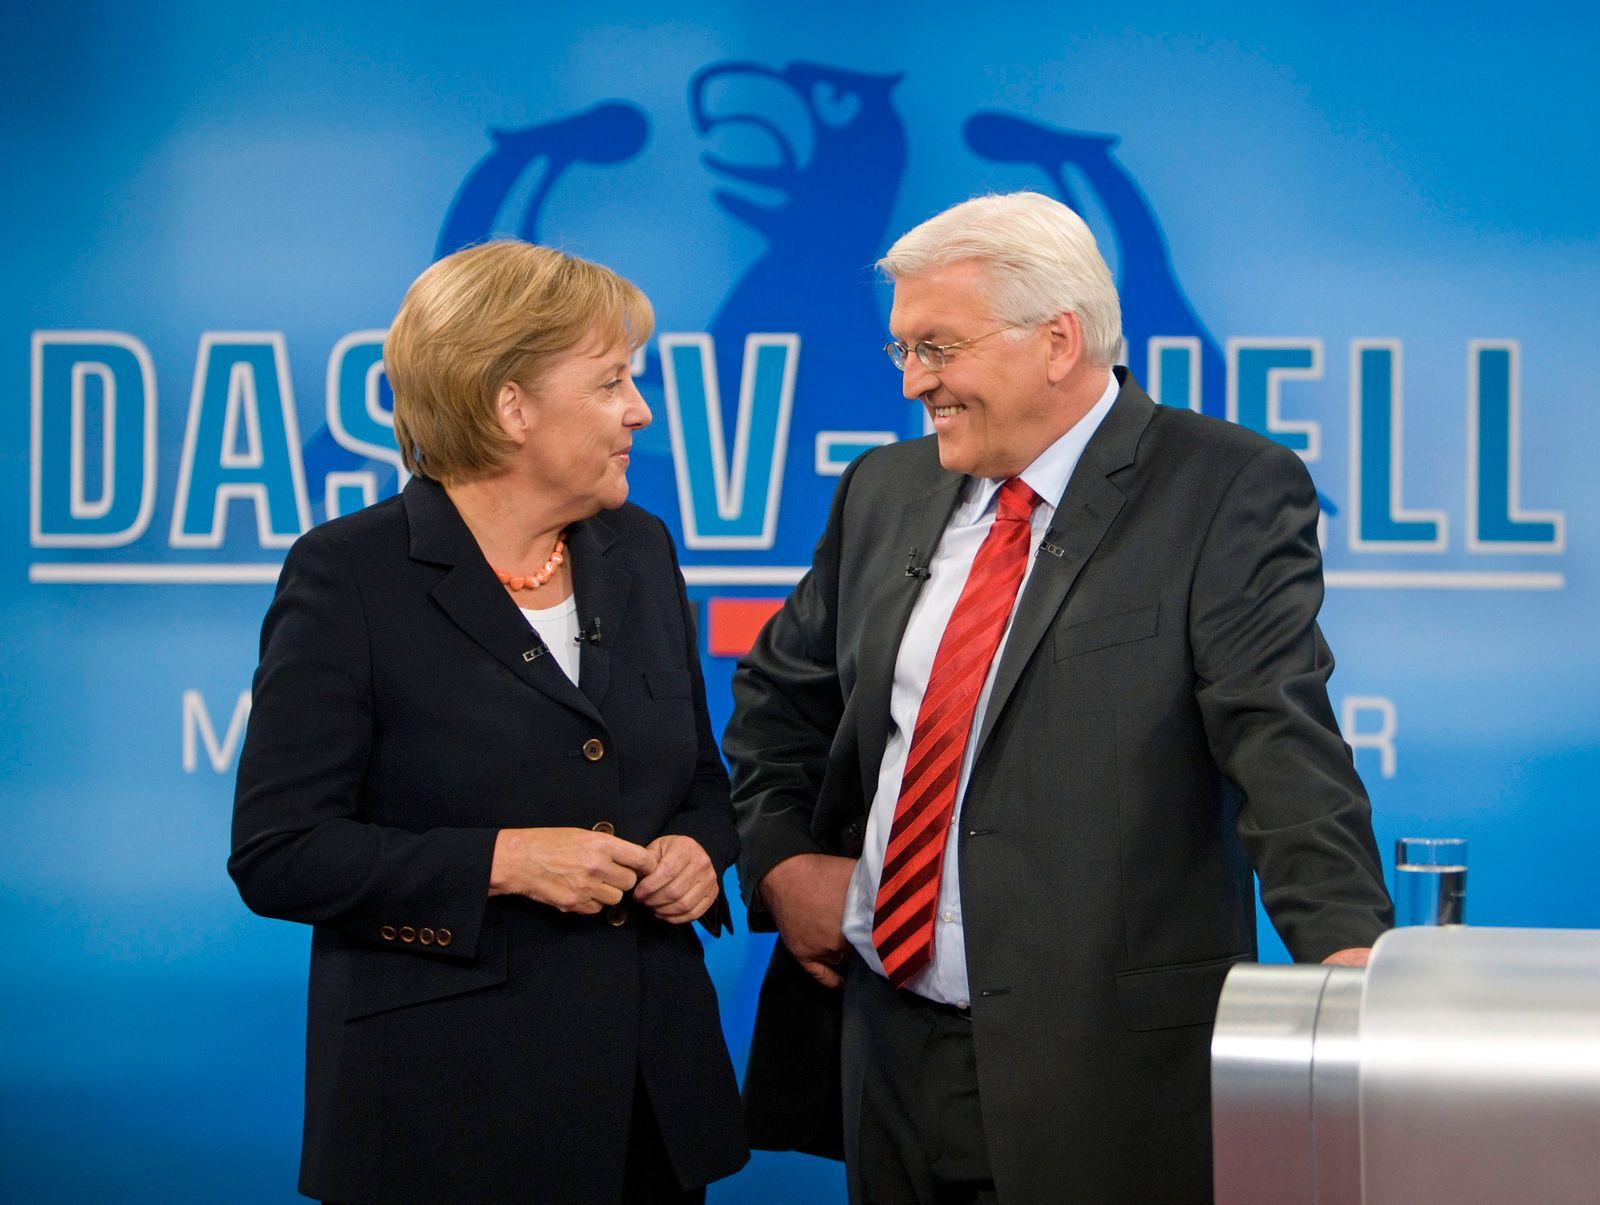 TV-Duell Merkel Steinmeier